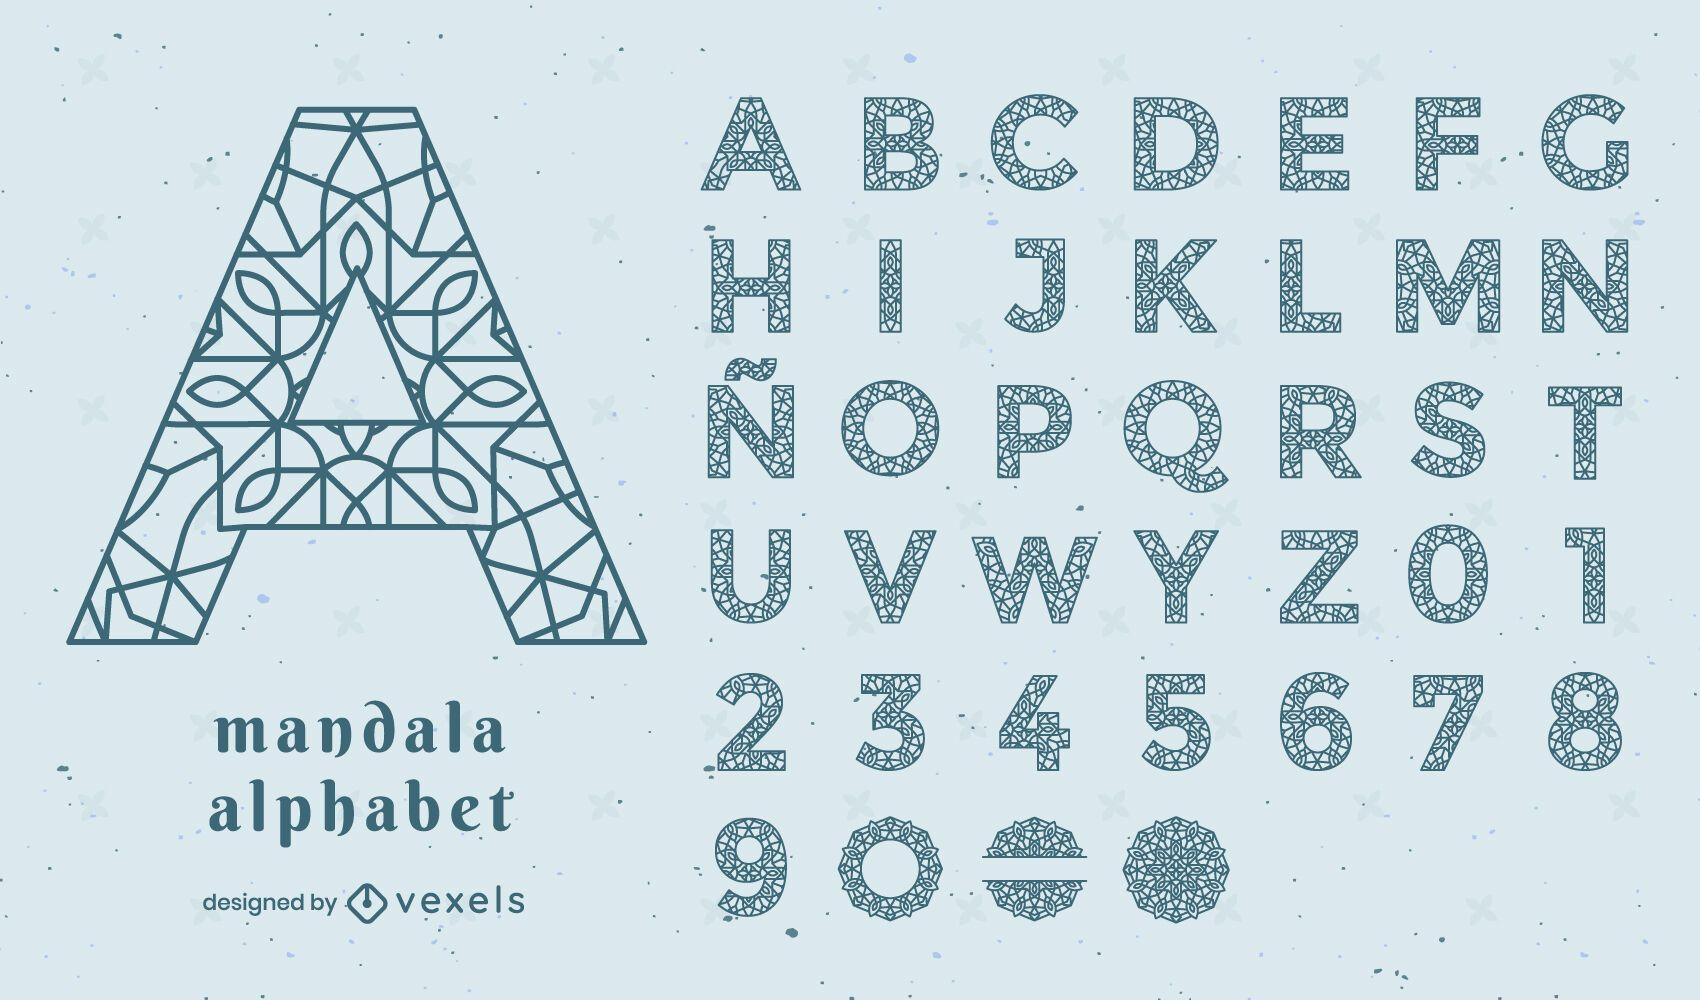 Conjunto de traços florais de mandala do alfabeto